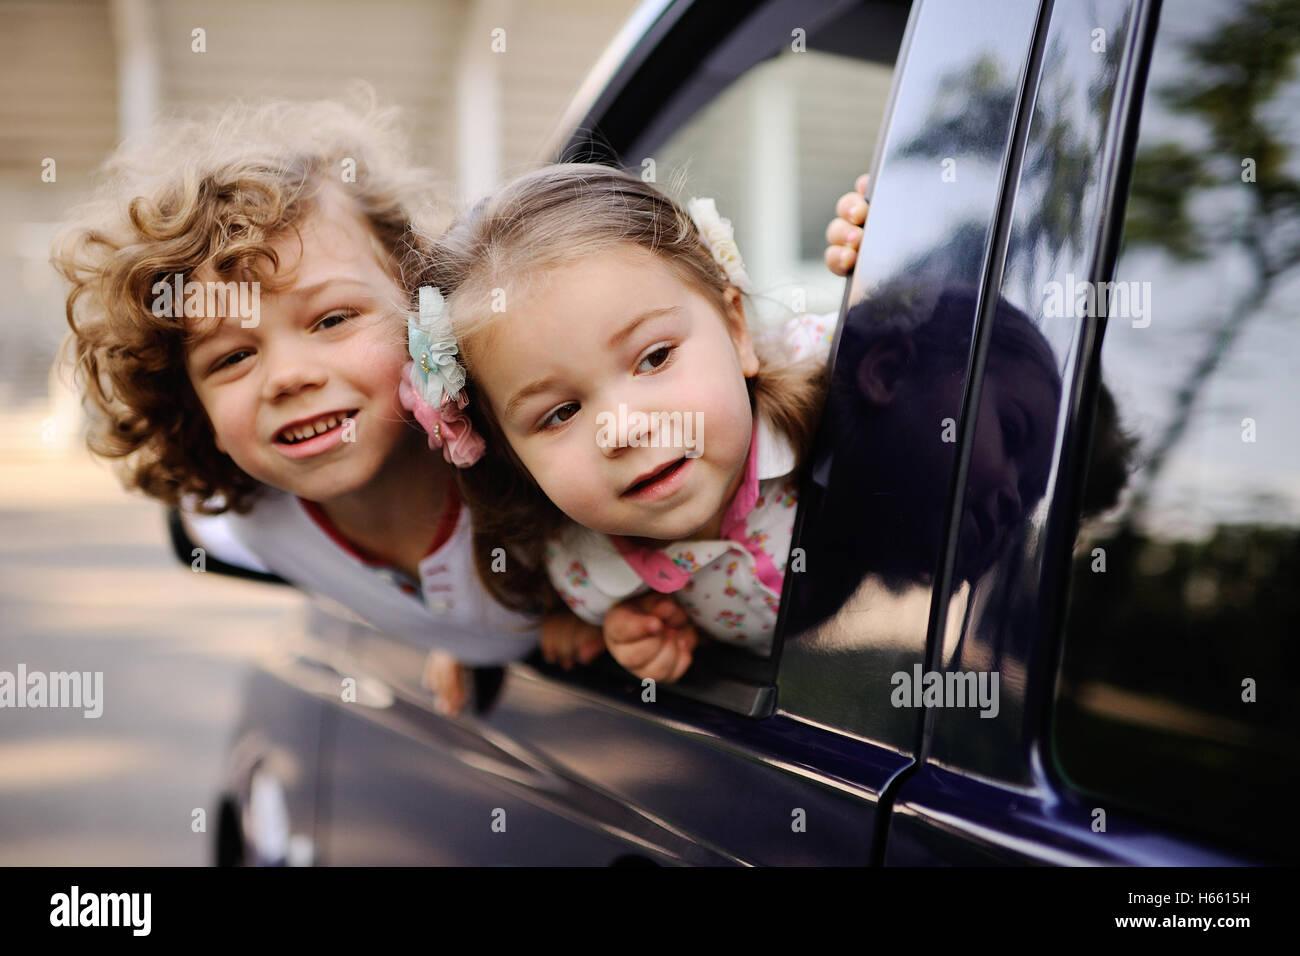 Kinder schauen aus einem Autofenster Stockfoto